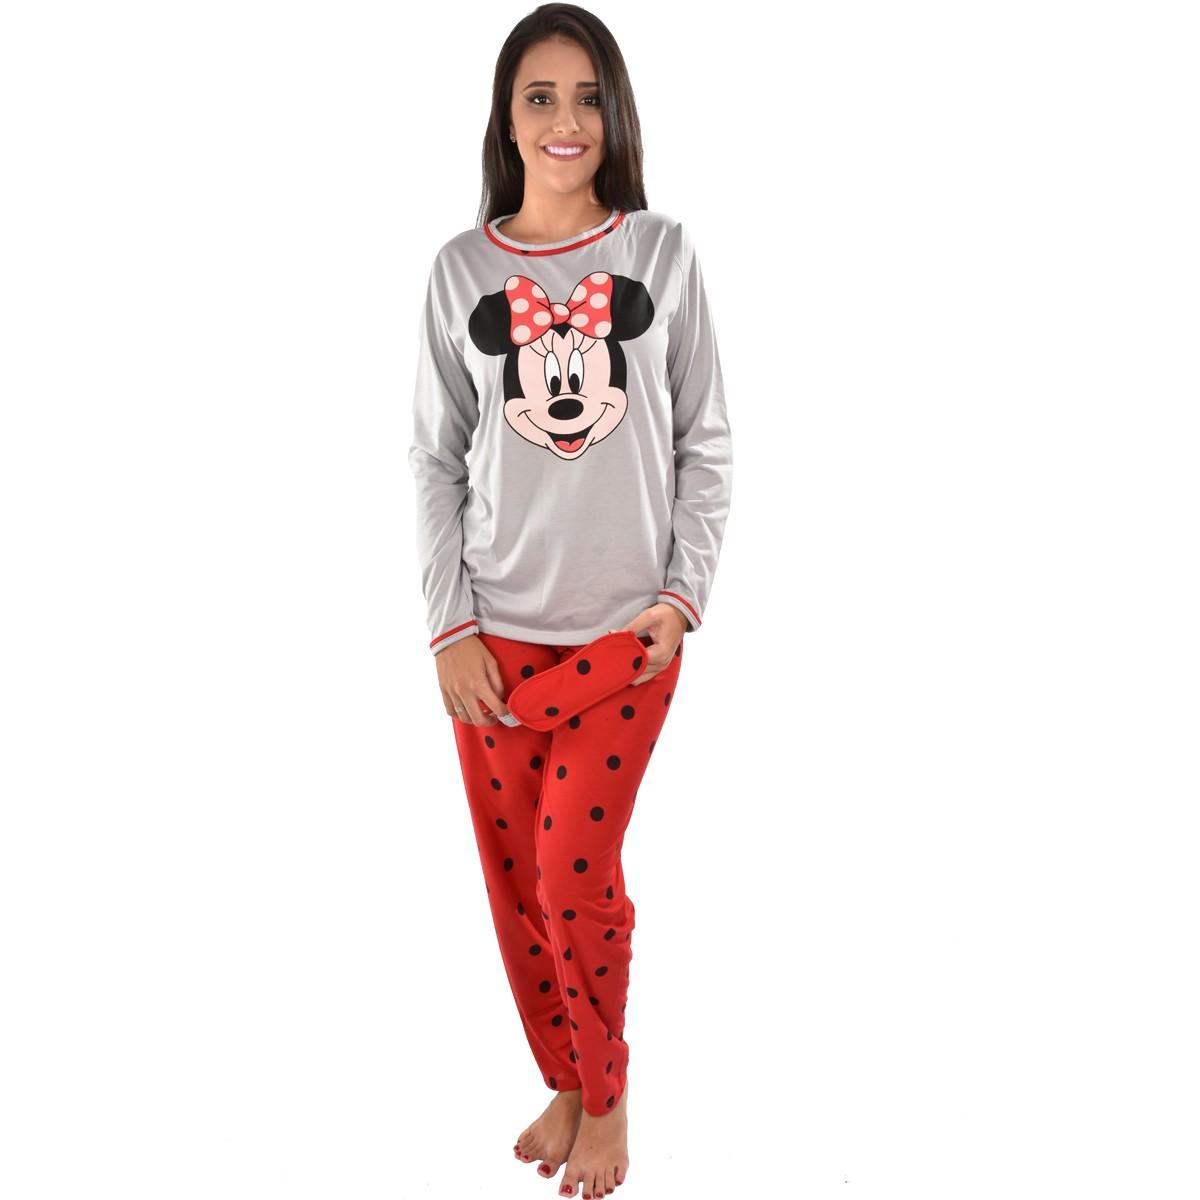 Pijama Longo Calça C/ Tapa Olho Feminino Adulto Estampa Minnie Disney 310